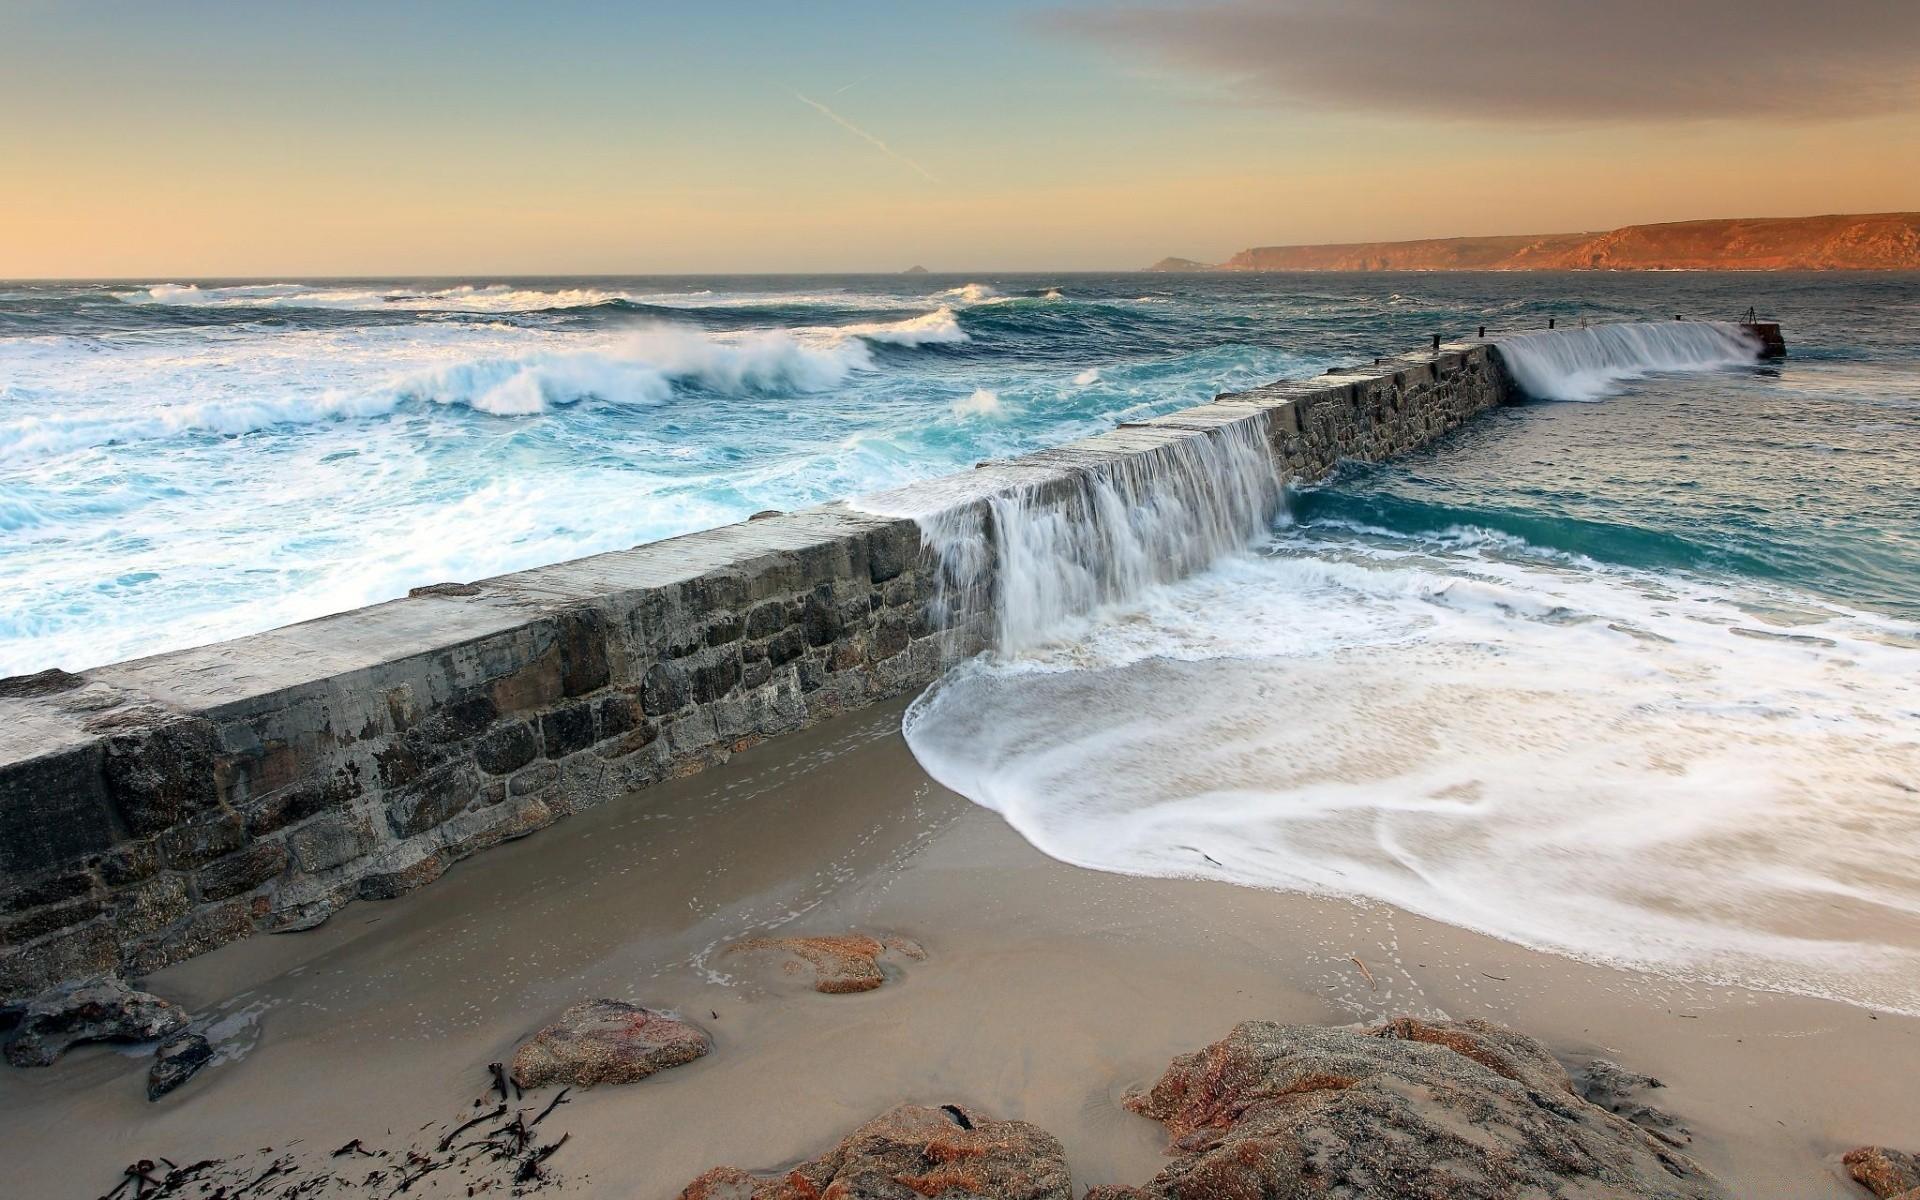 отличные, рады, океанский берег фото часть пенька